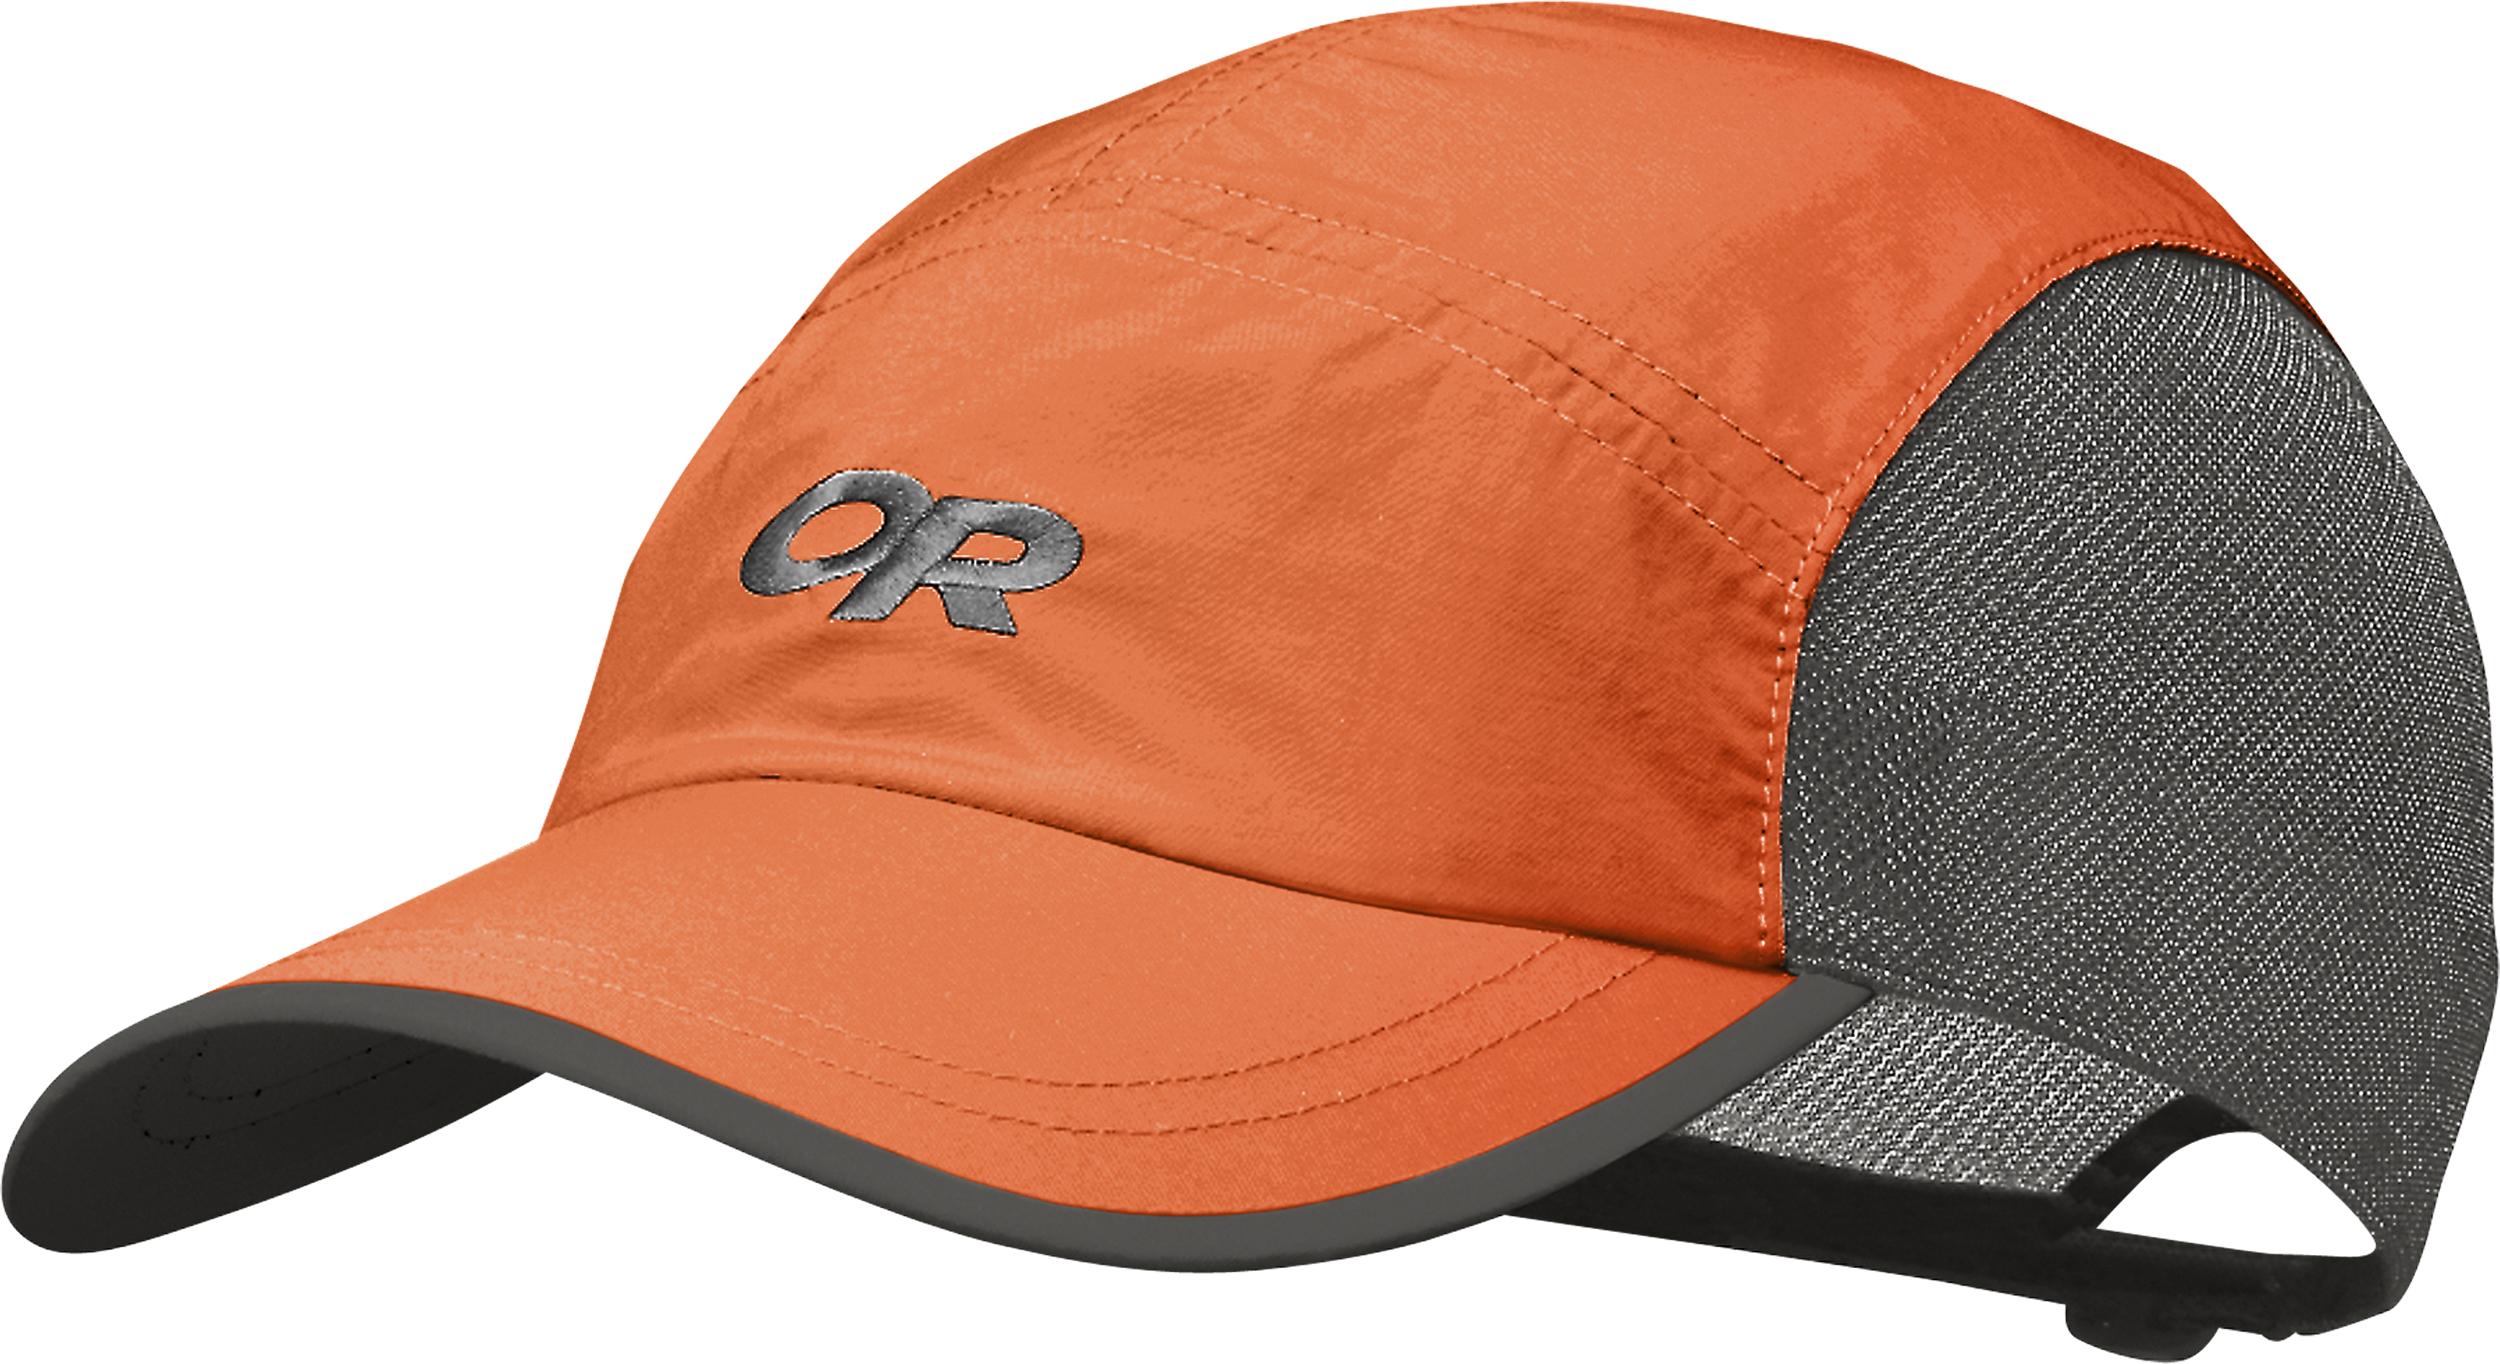 8d08db580ba20 Hats and toques